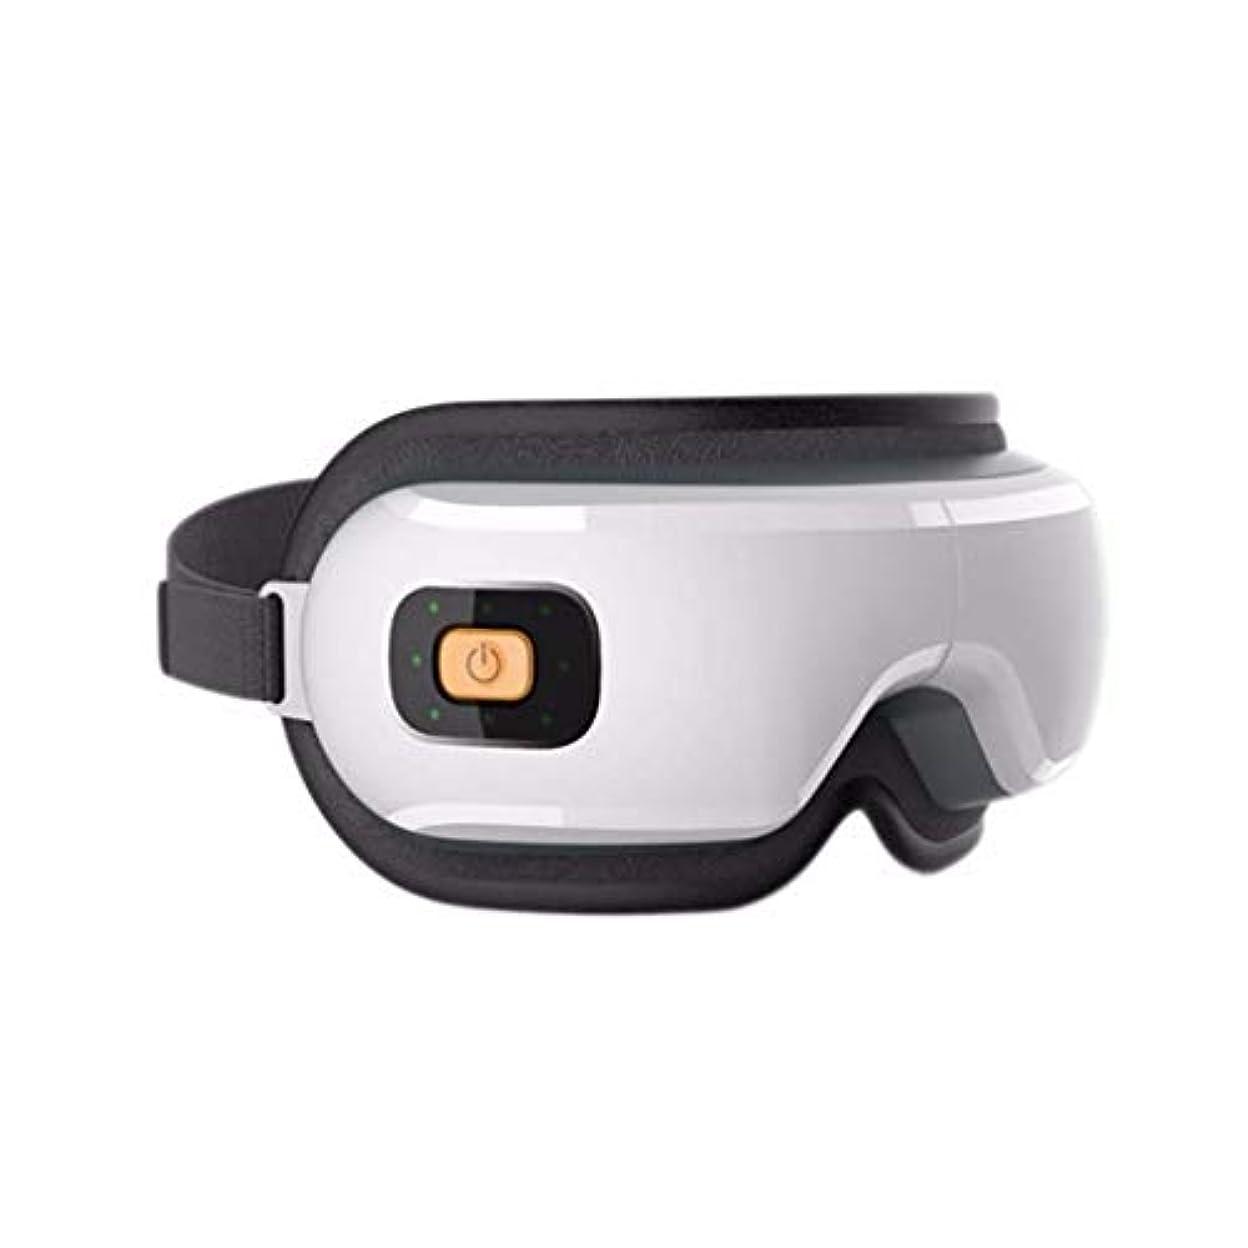 胆嚢マリン一回アイマッサージャー、ワイヤレススマート電動アイマスク、マッサージ/充電/ブルートゥース音声/加熱/多周波振動/空気圧縮/なだめるような音楽/アイスパ、旅行事務車用